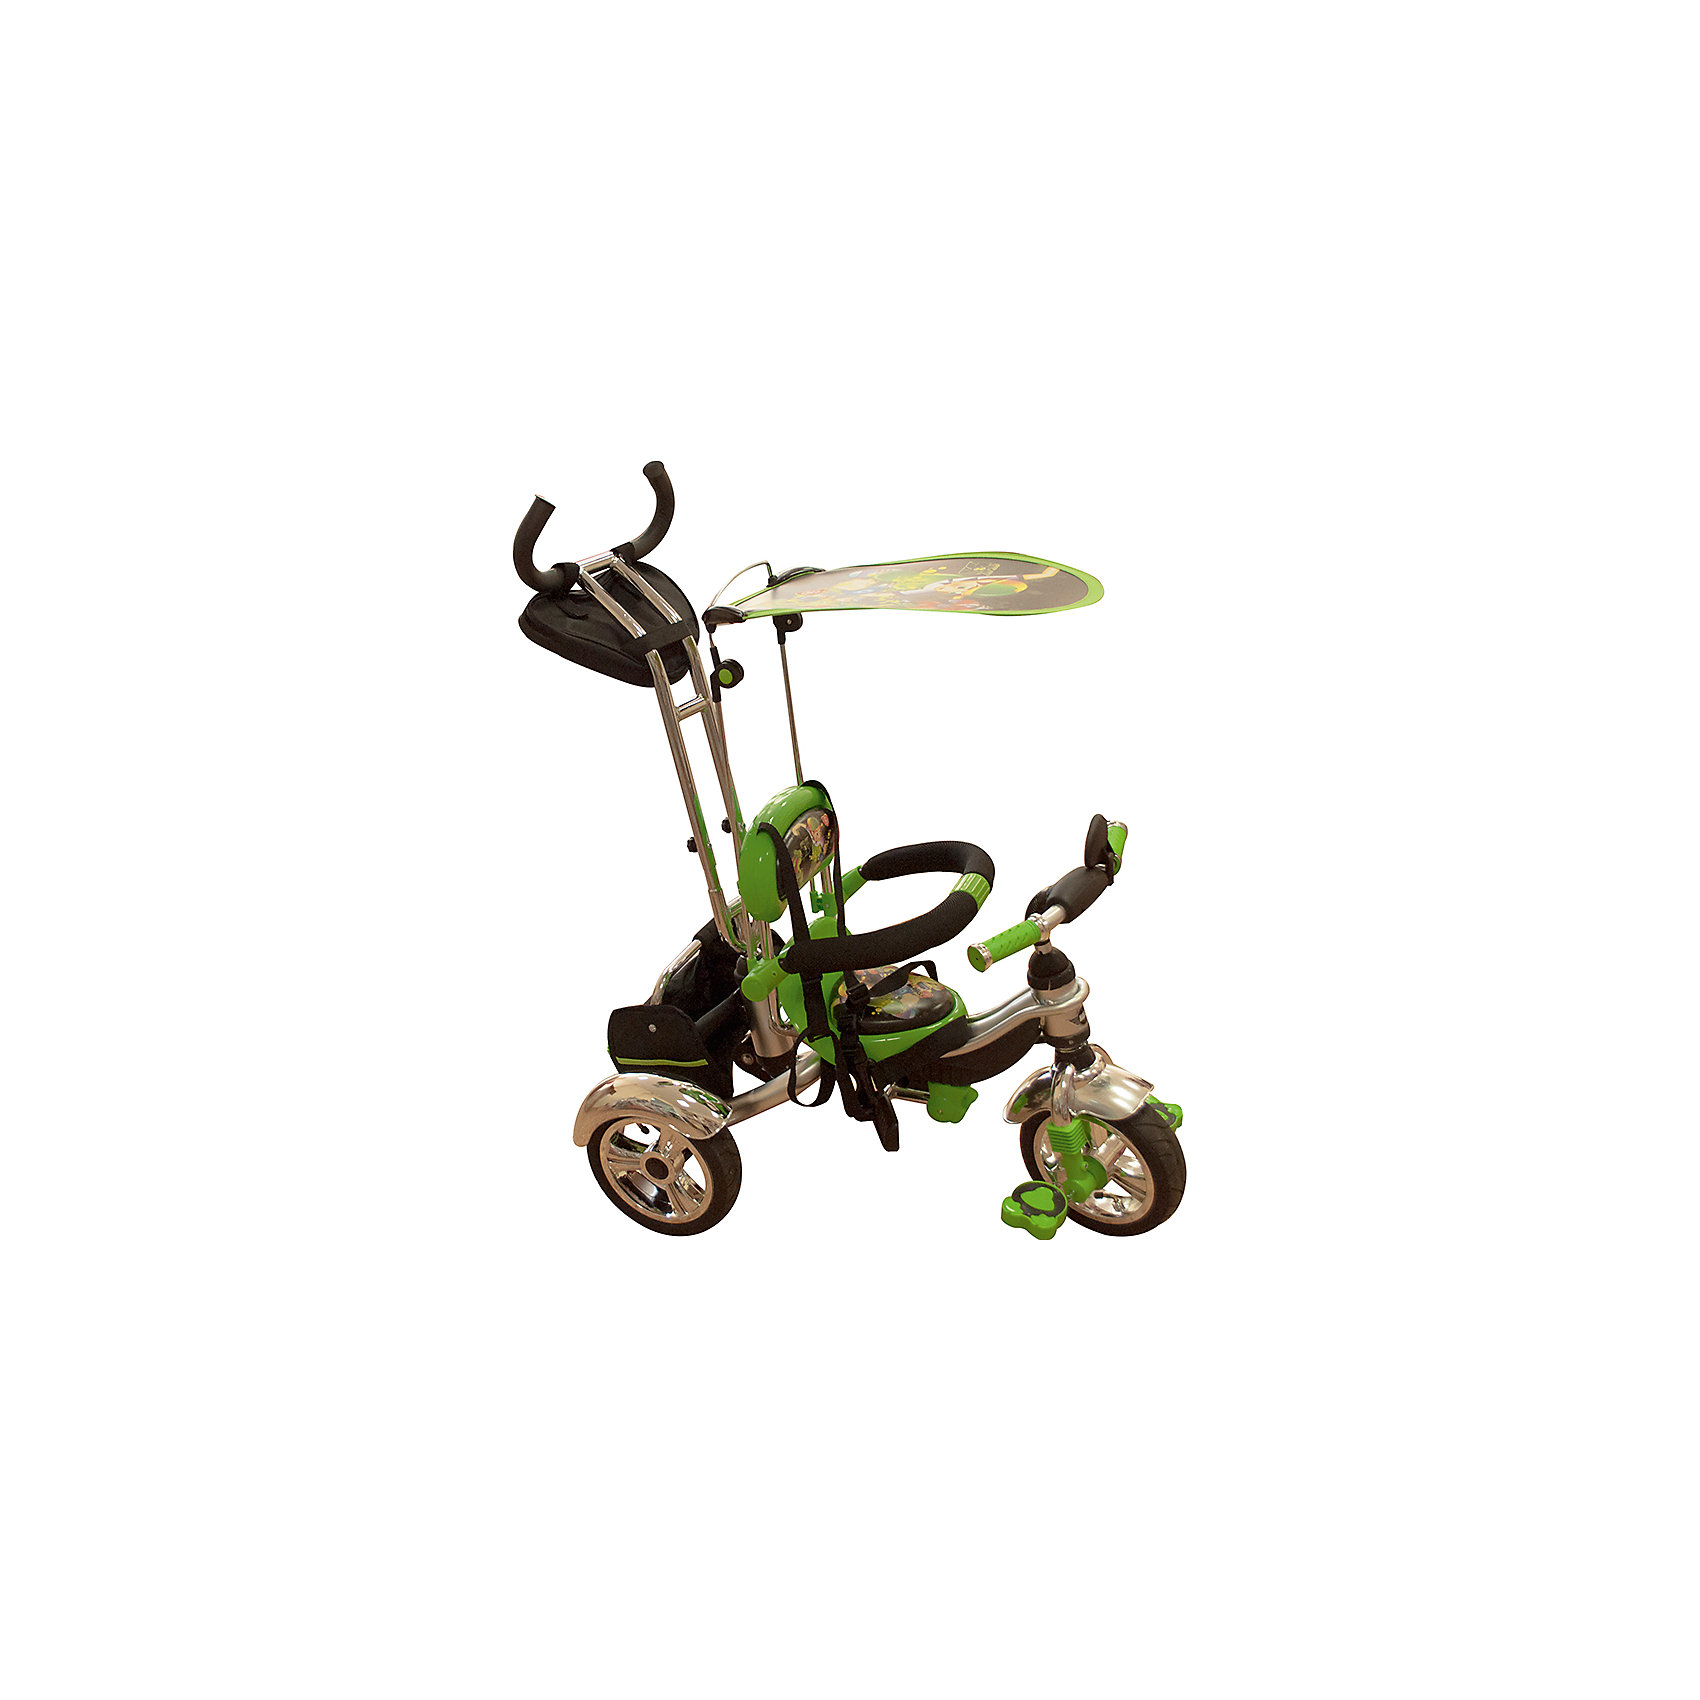 Фото - Велосипед трехколесный, зеленый, MARS TRIKE